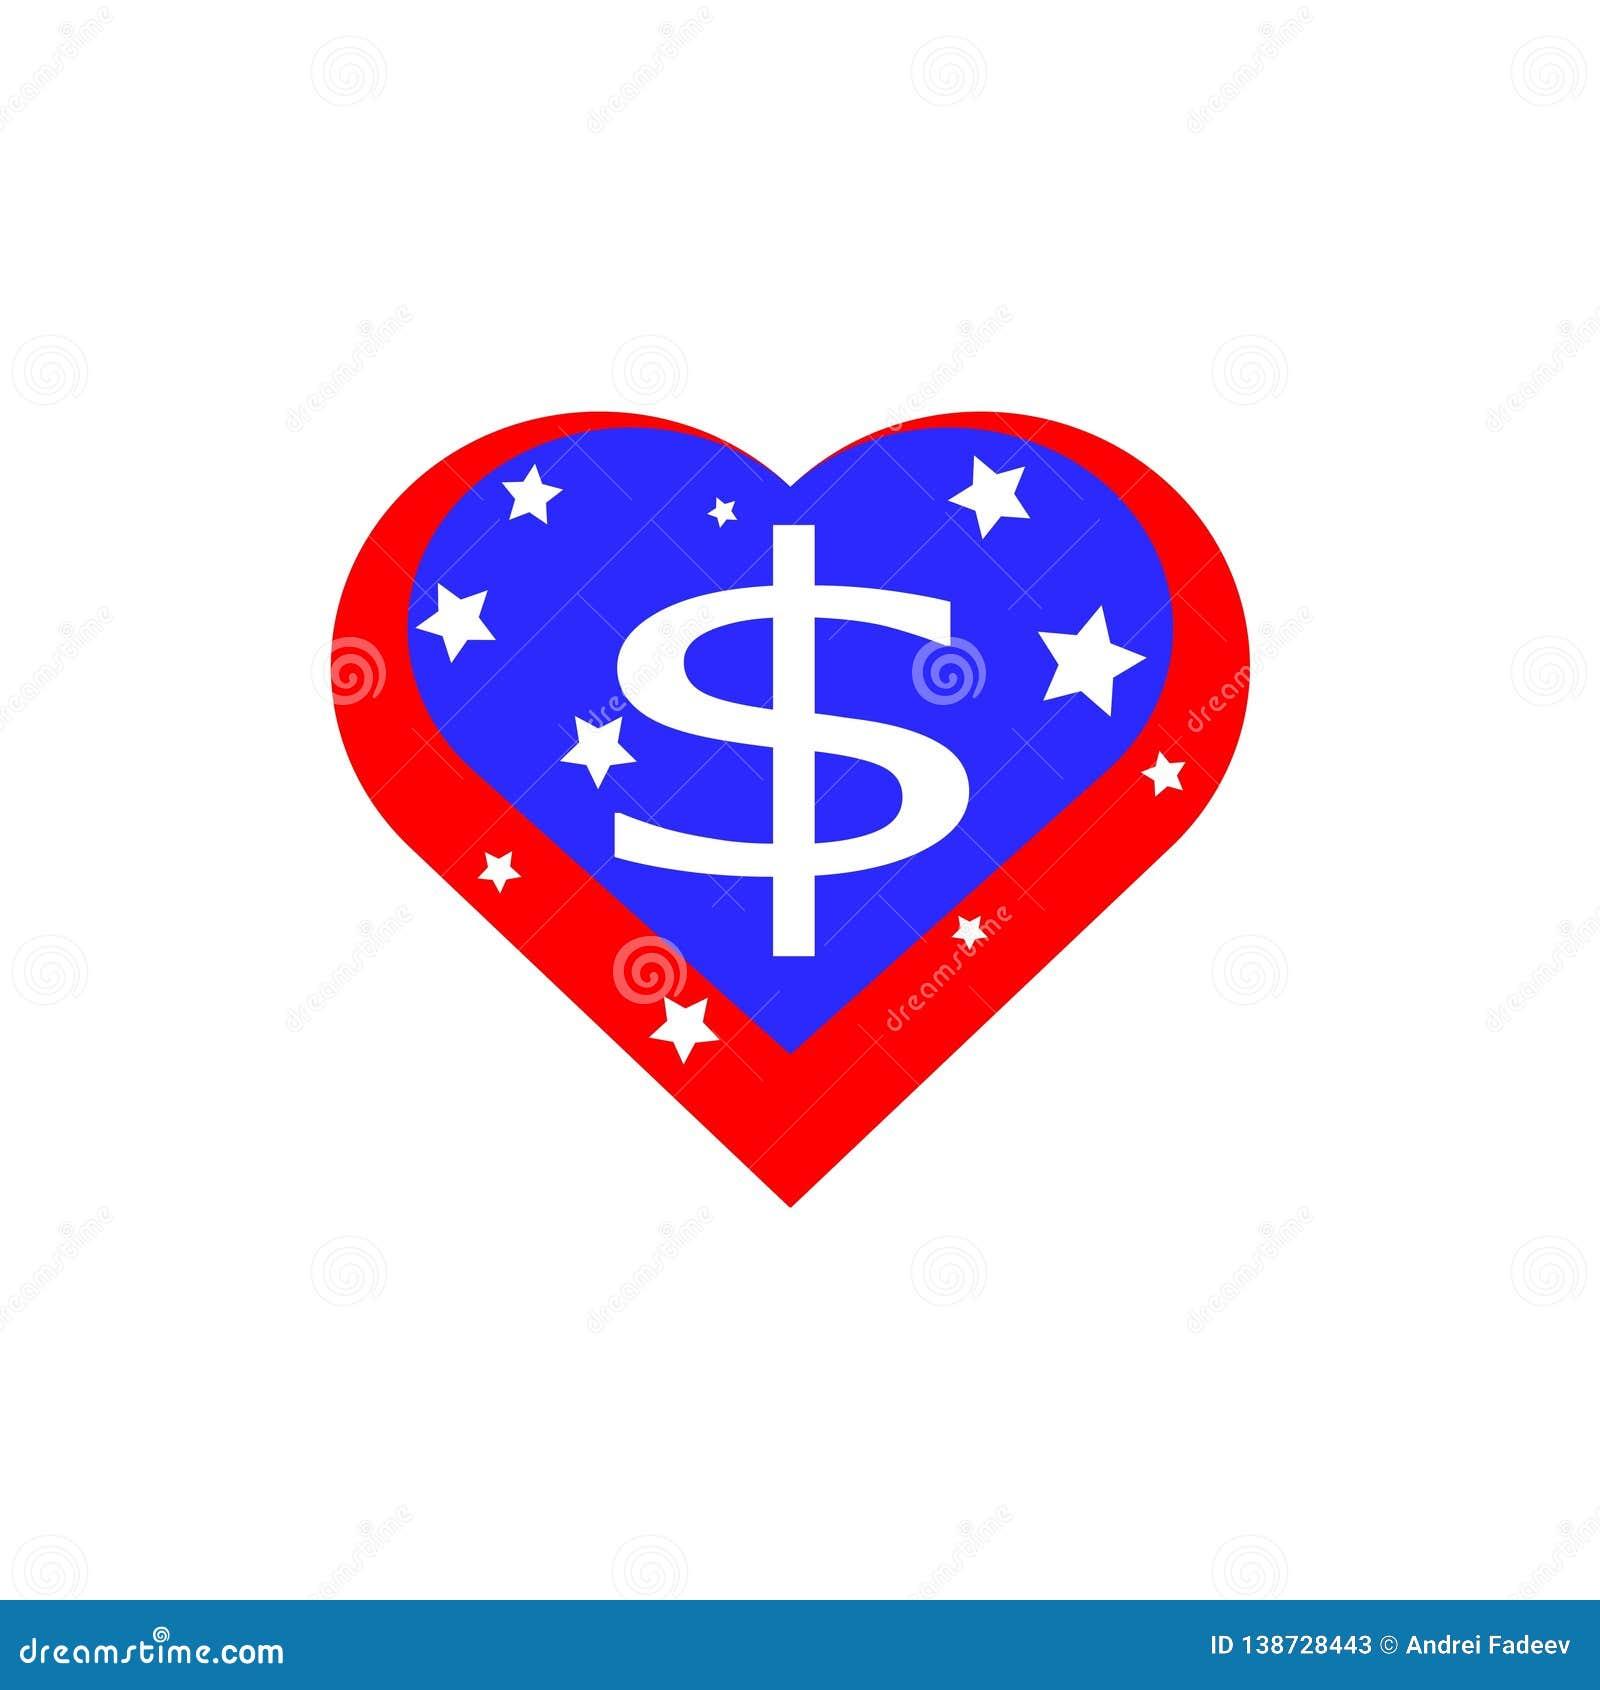 Corazón americano, vector bajo la forma de bandera de los Estados Unidos de América